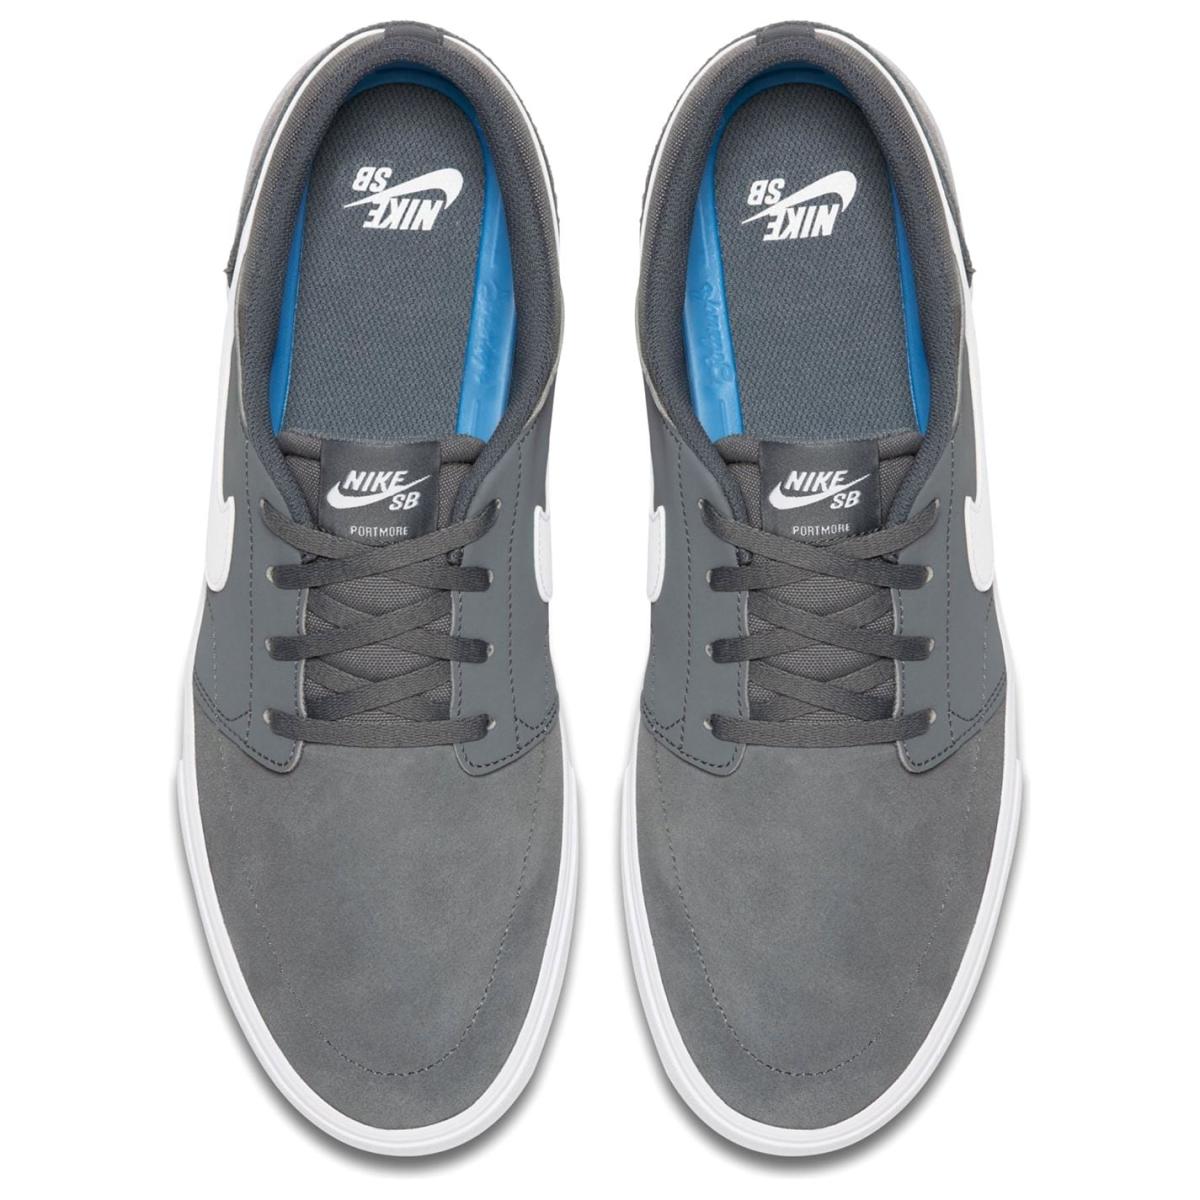 Nike SB Solarsoft Portmore 2 Canvas Skateschuhe Herren Turnschuhe Skate 2043